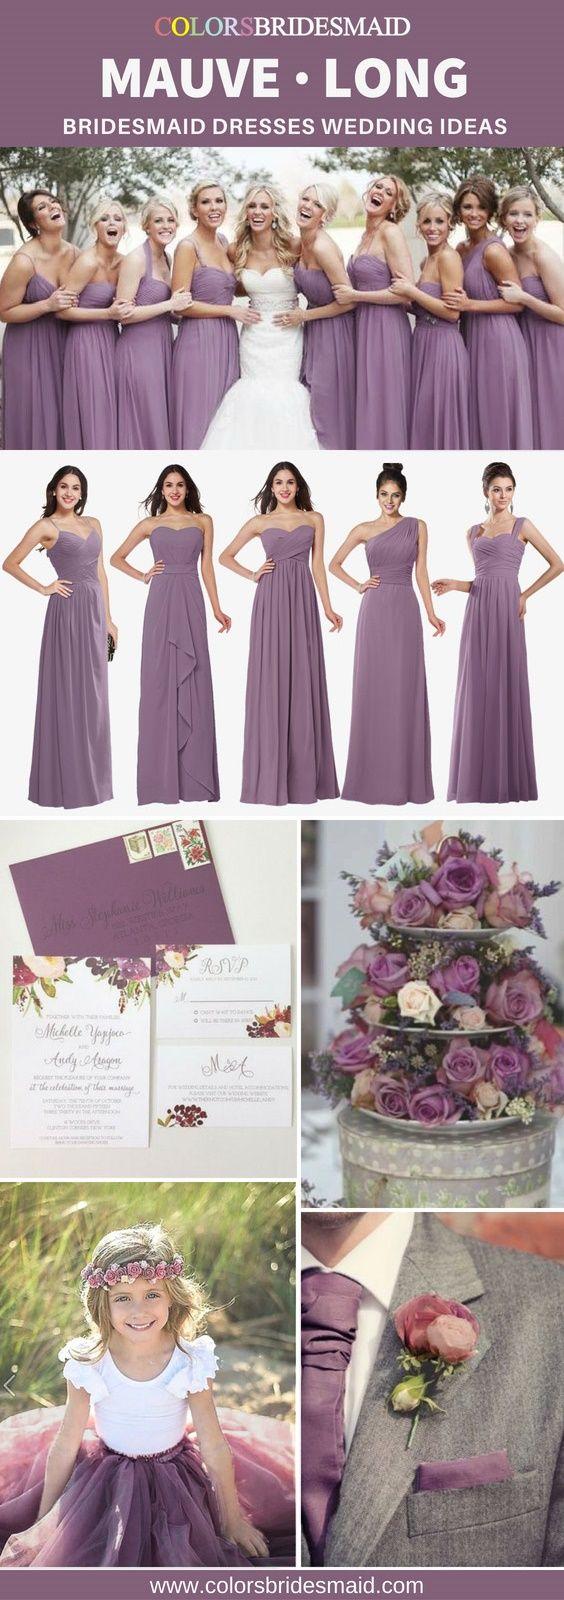 Beste lila lange Brautjungfernkleider, um Brautjungfern glücklich zu machen   – Mauve Bridesmaid Dresses